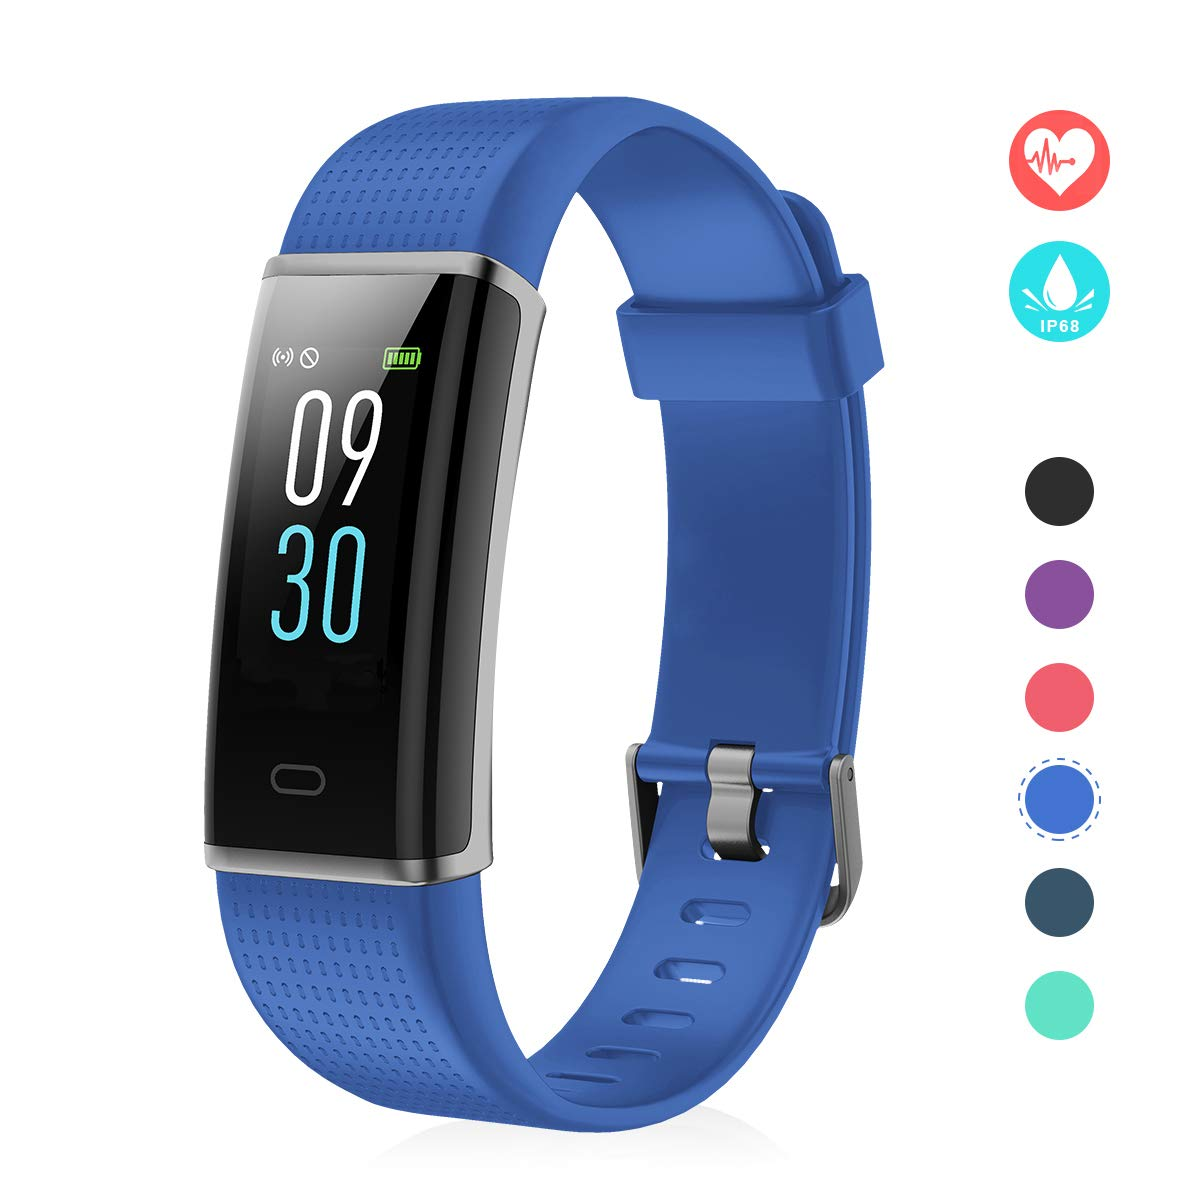 EFO SHM Fitness Tracker mit Pulsmesser, Schrittzähler Uhr Fitness Armband Wasserdicht Schwimmen Aktivitätstracker Schlafanalyse Kalorienzähler Anruf/SMS Kompatibel mit iPhone und Android EFO-S 130C